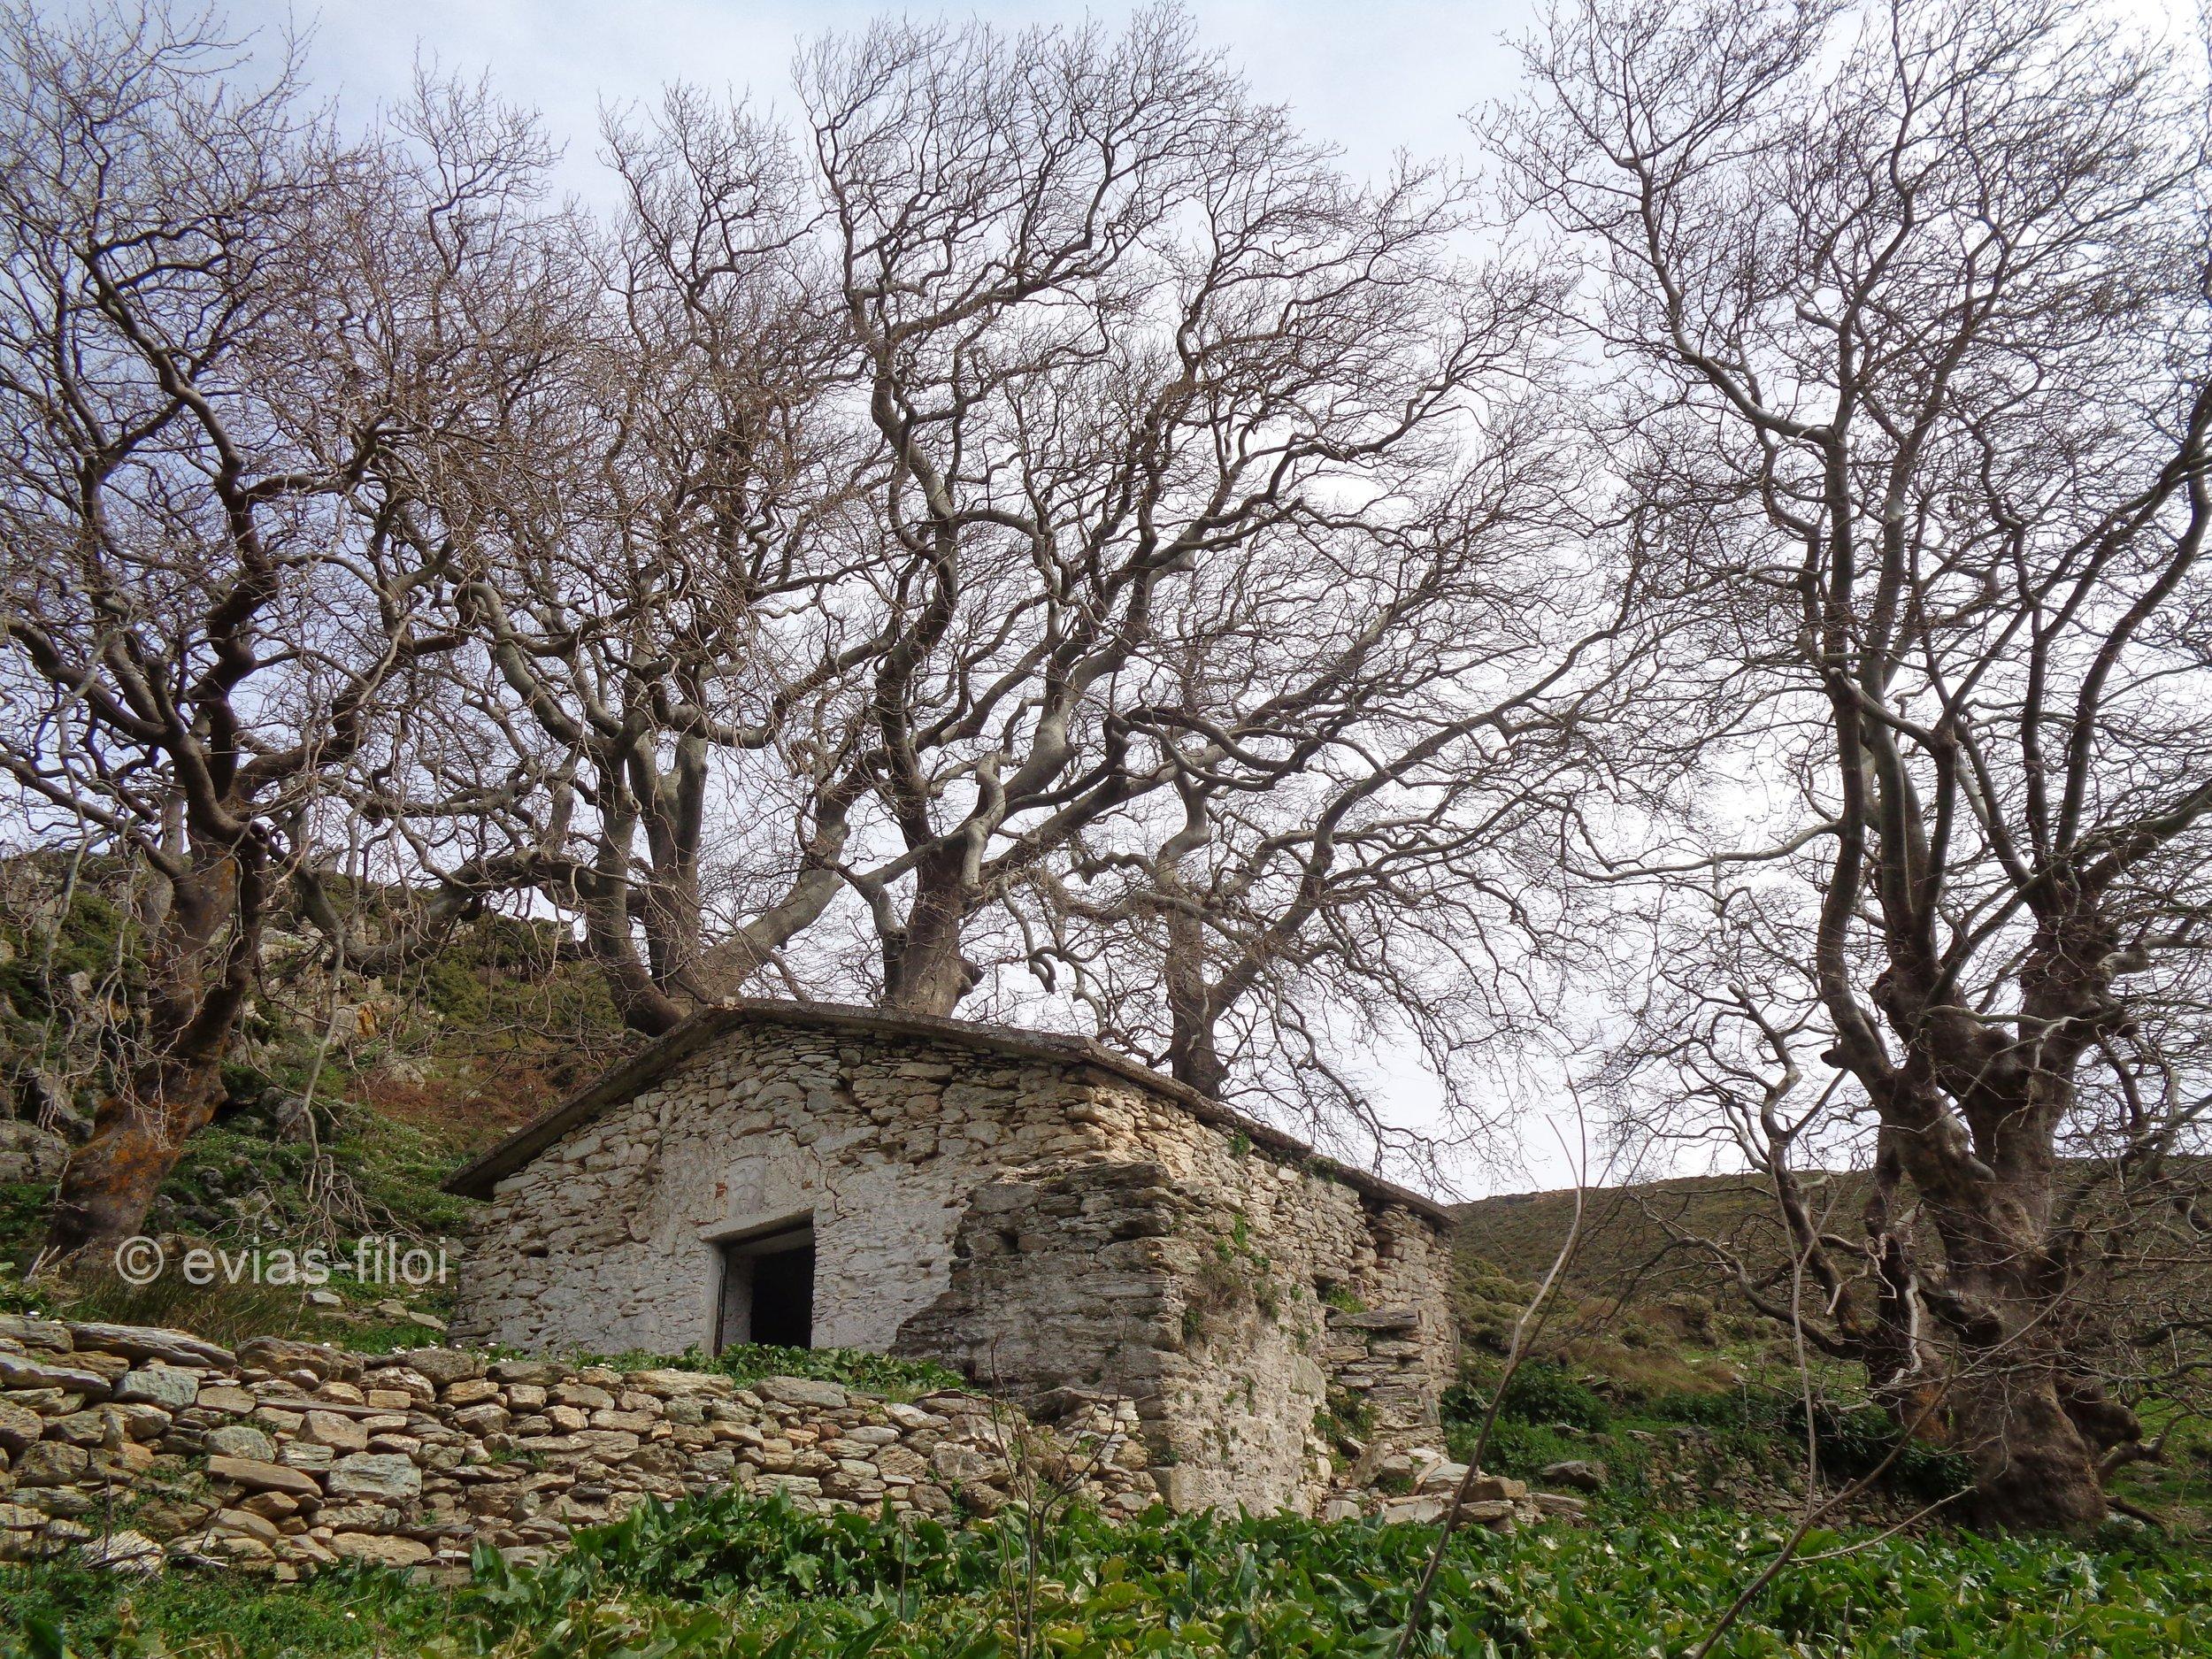 Μοντοφώλι-η πανέμορφη παλιά εκκλησία στις ρίζες των τεράστιων πλάτανων